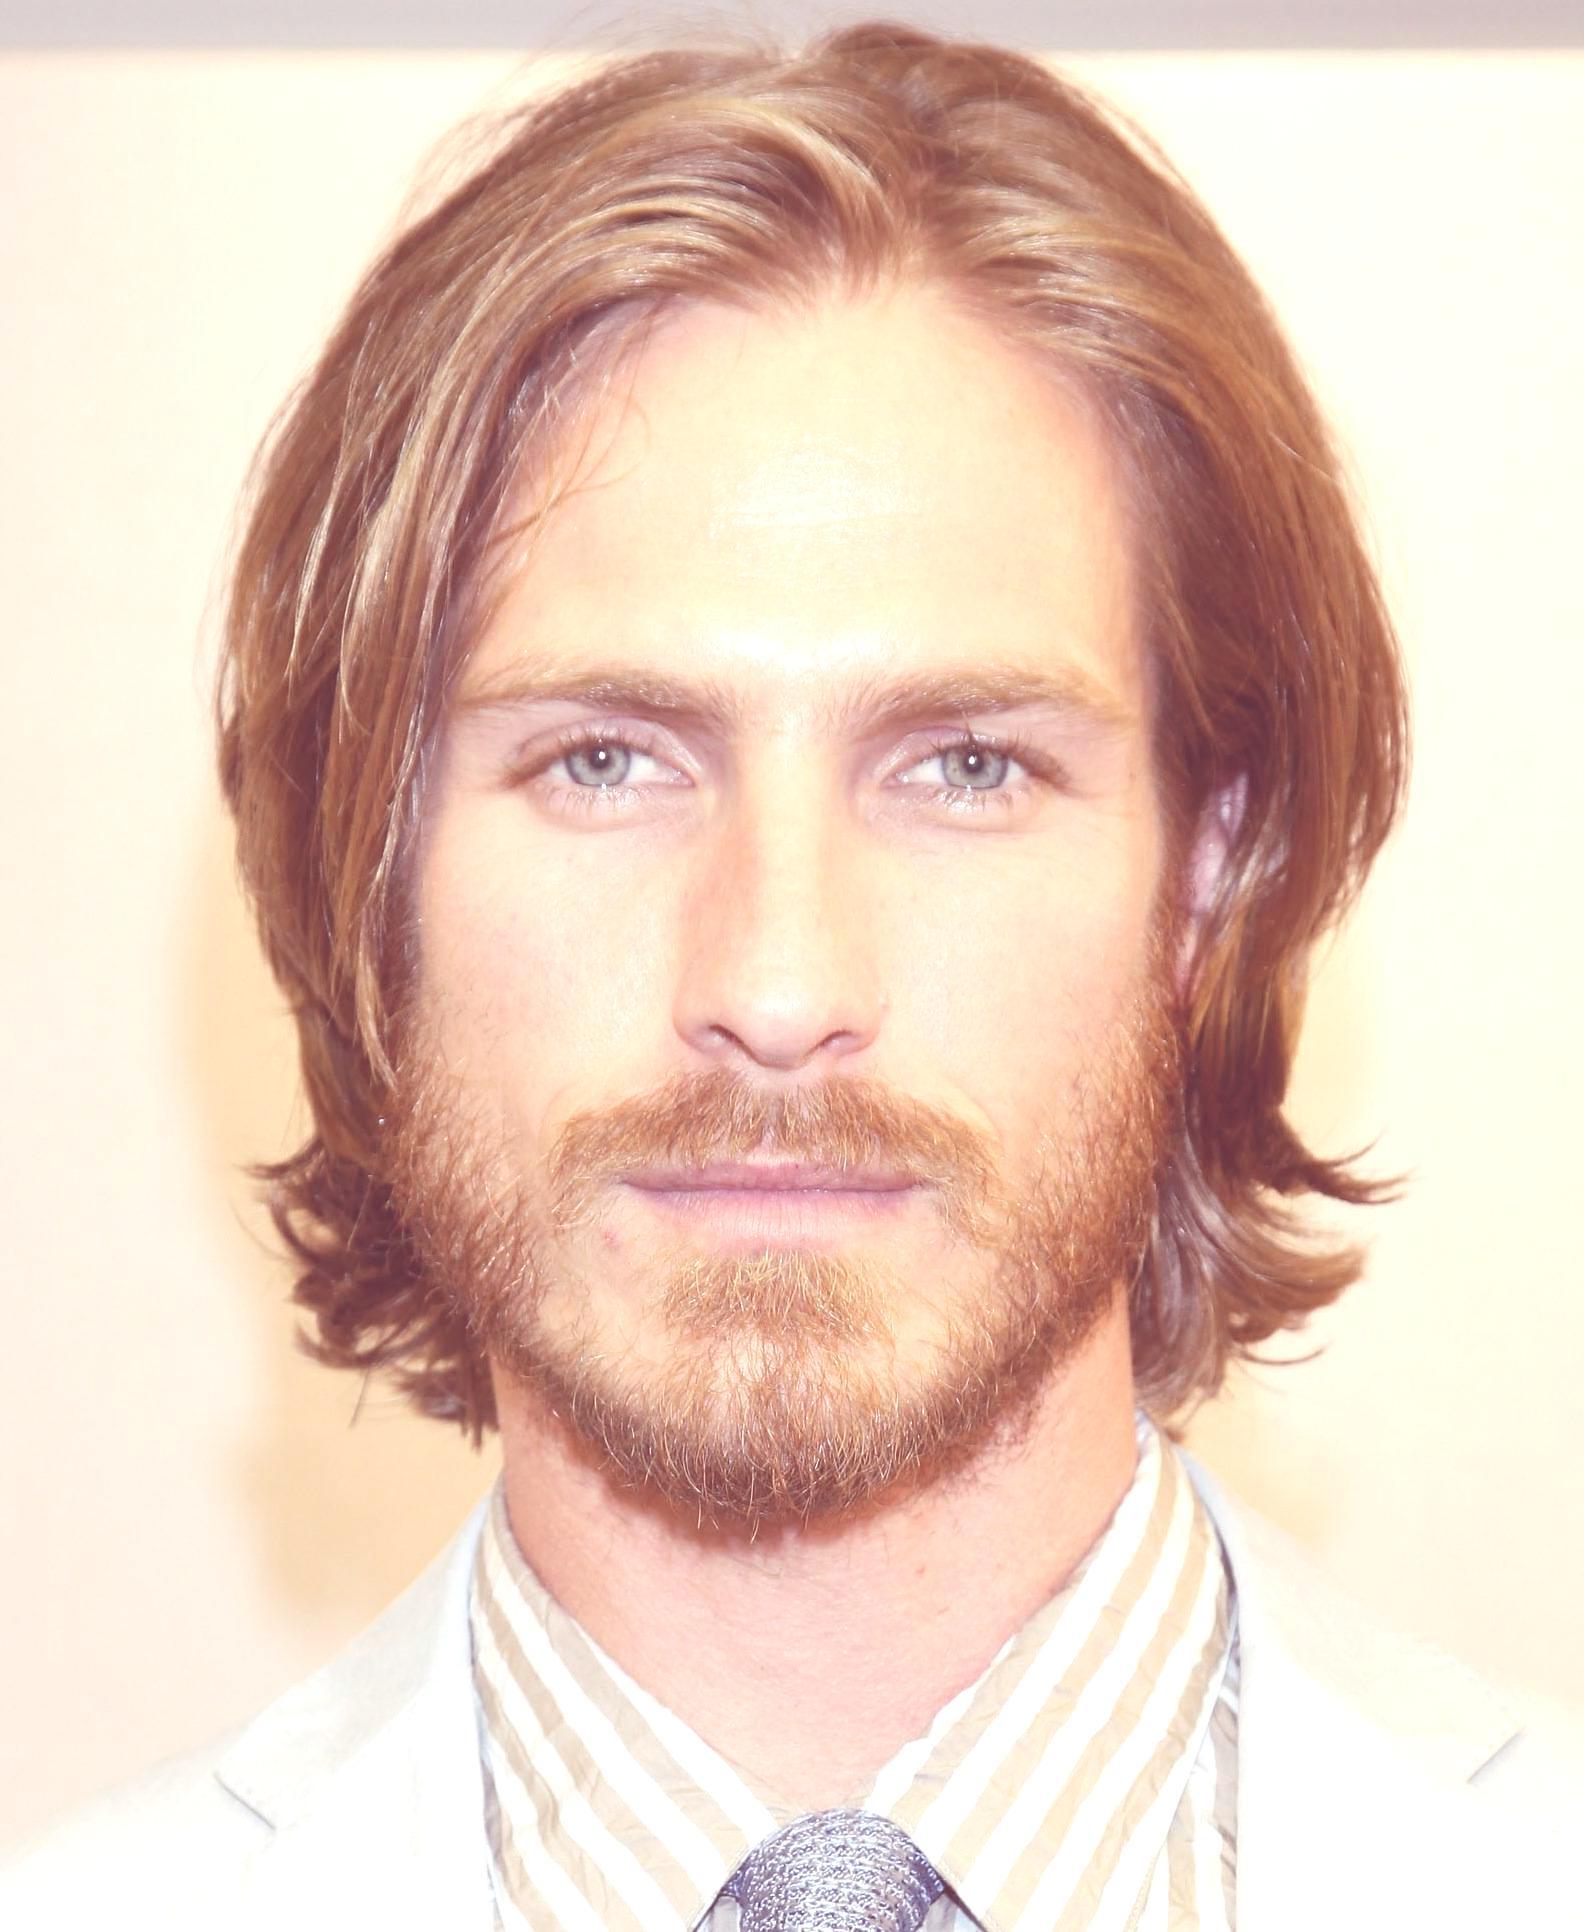 Más agudo peinados hombre largo Imagen de cortes de pelo tutoriales - cortes-pelo-hombre-2014-largo-liso - Peinados